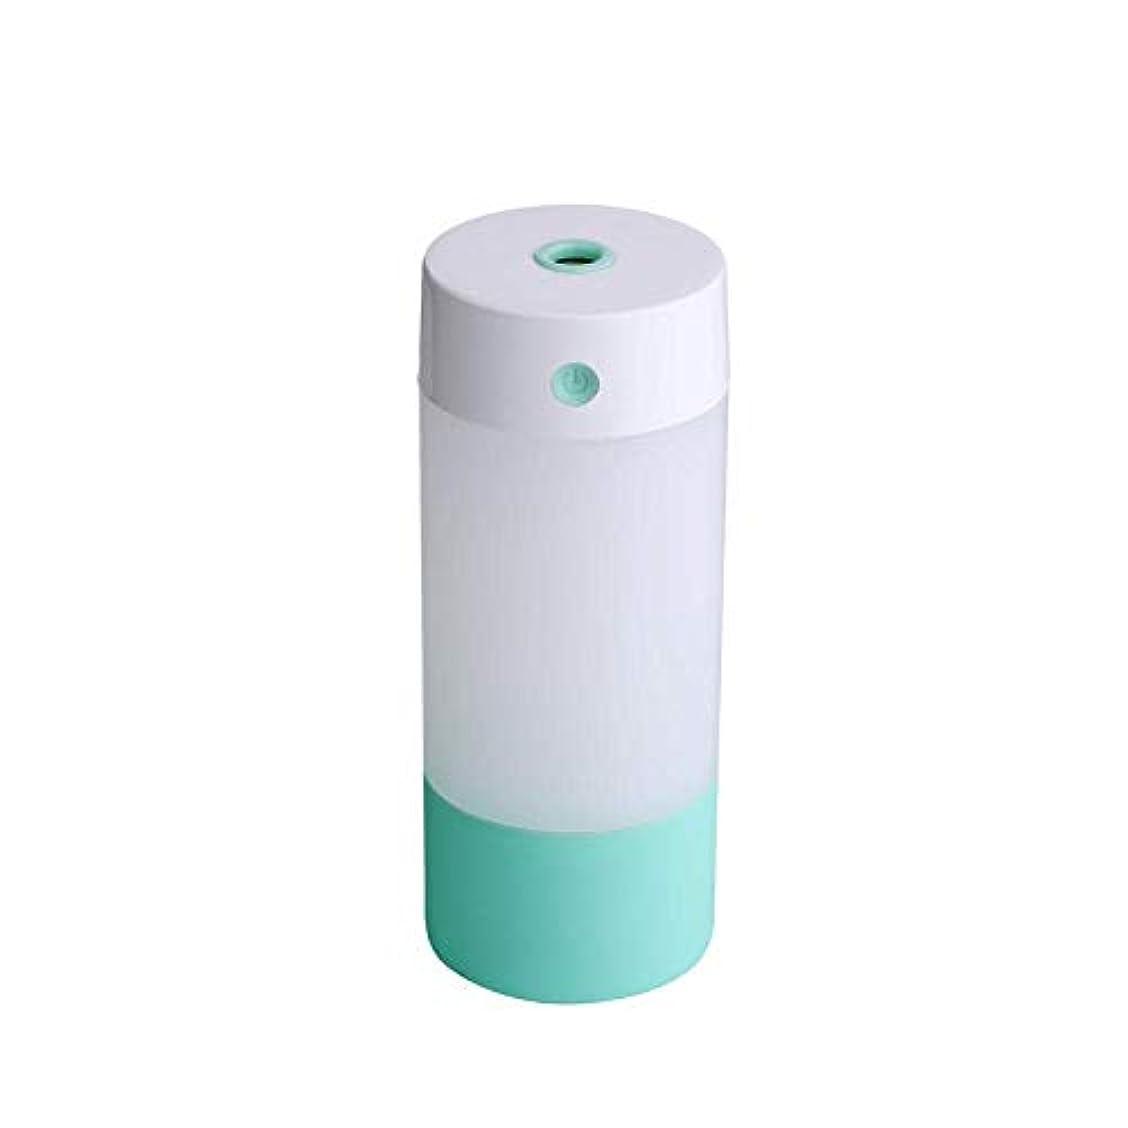 黒人マイル対話SOTCE アロマディフューザー加湿器超音波霧化技術のライトカー満足のいく解決策連続霧モード湿潤環境 (Color : Green)